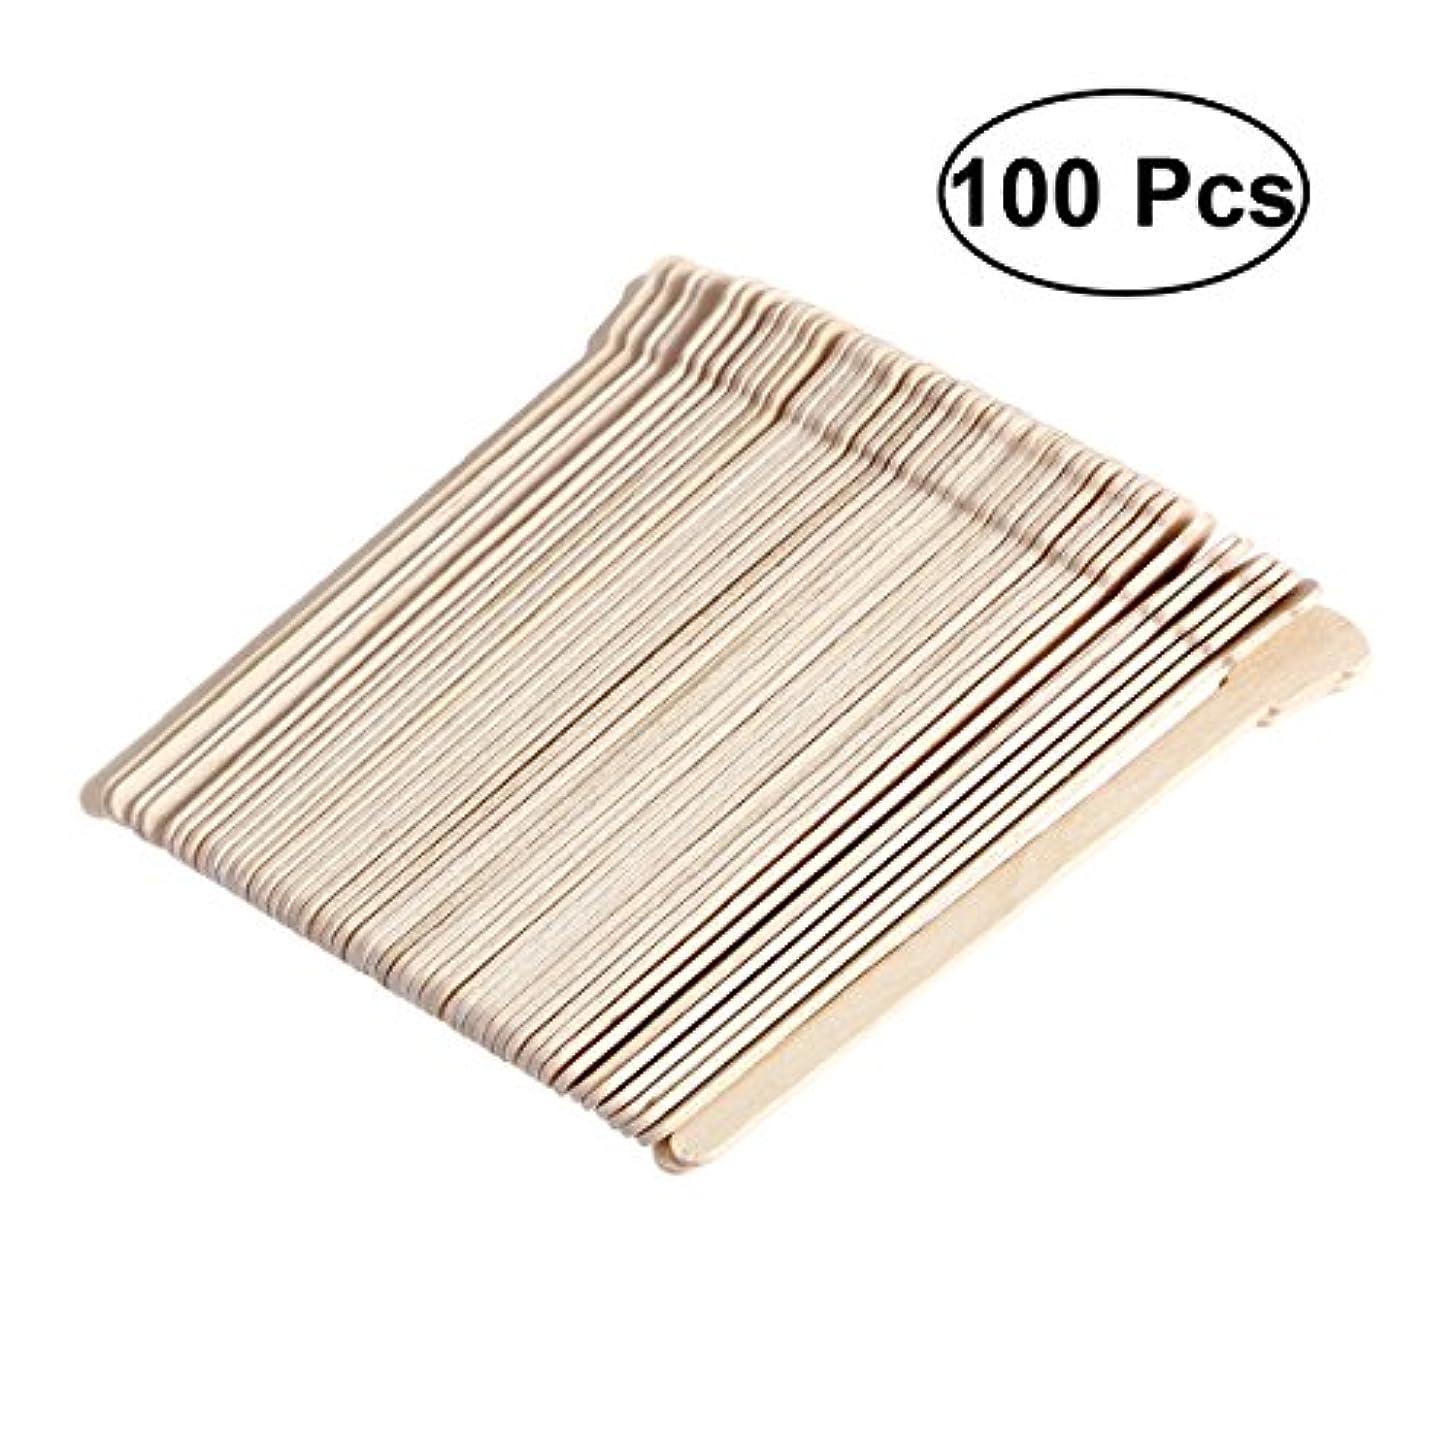 社説ペニー有効なSUPVOX 100ピース木製ワックススティックフェイス眉毛ワックスへら脱毛(オリジナル木製色)